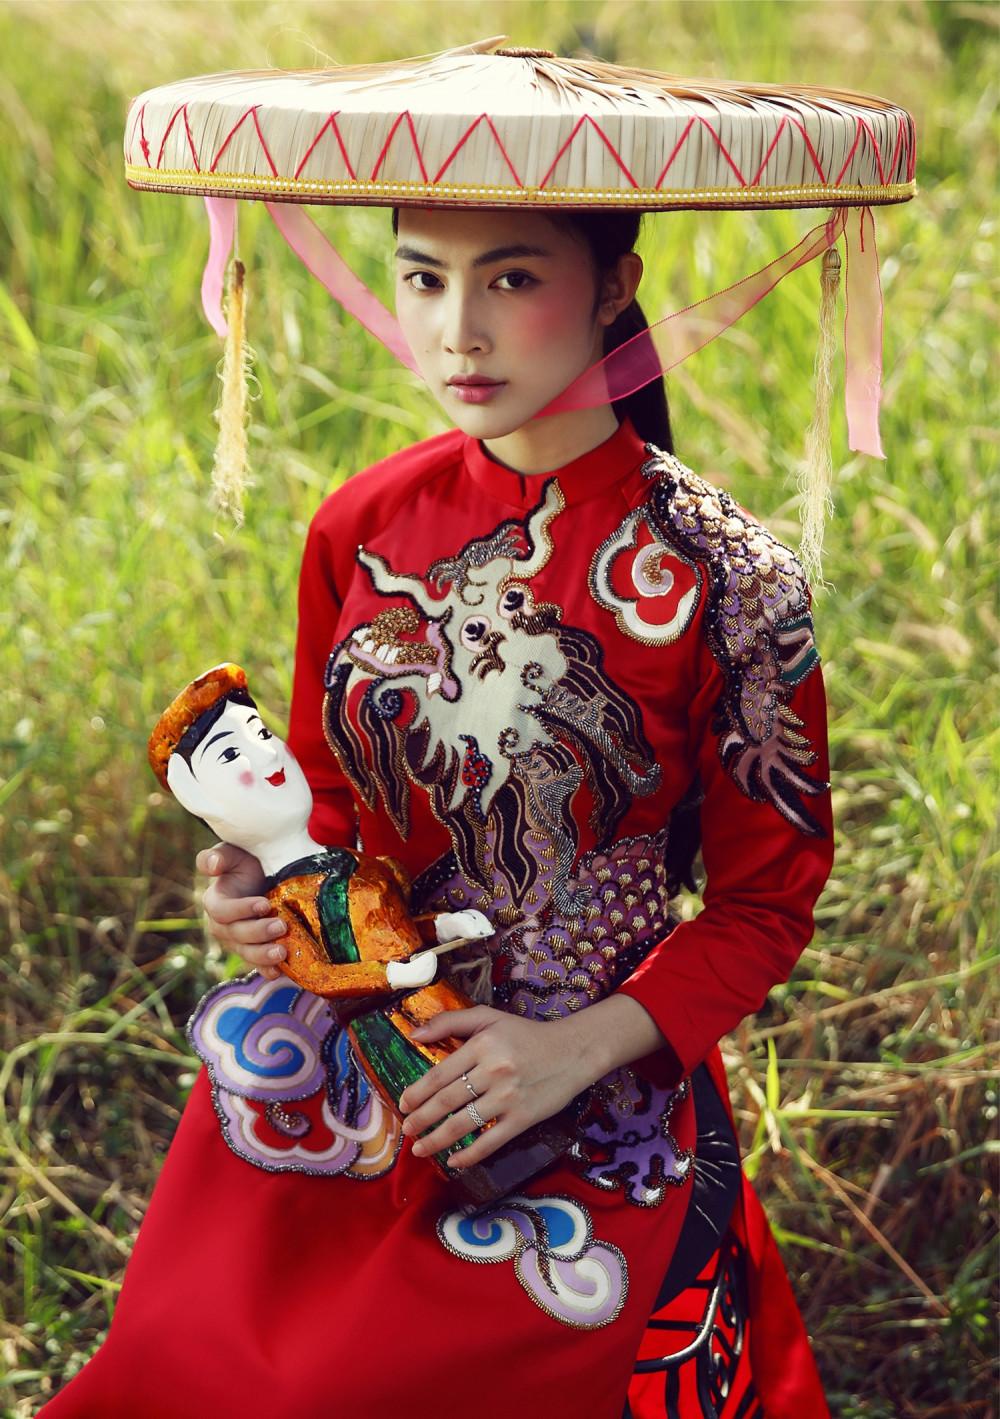 NTK Thuỷ Nguyễn thường chọn những màu sắc nổi bật đưa vào thiết kế. Cô kết hợp nhiều hoạ tiết, đồ vật là biểu tượng của văn hoá Việt